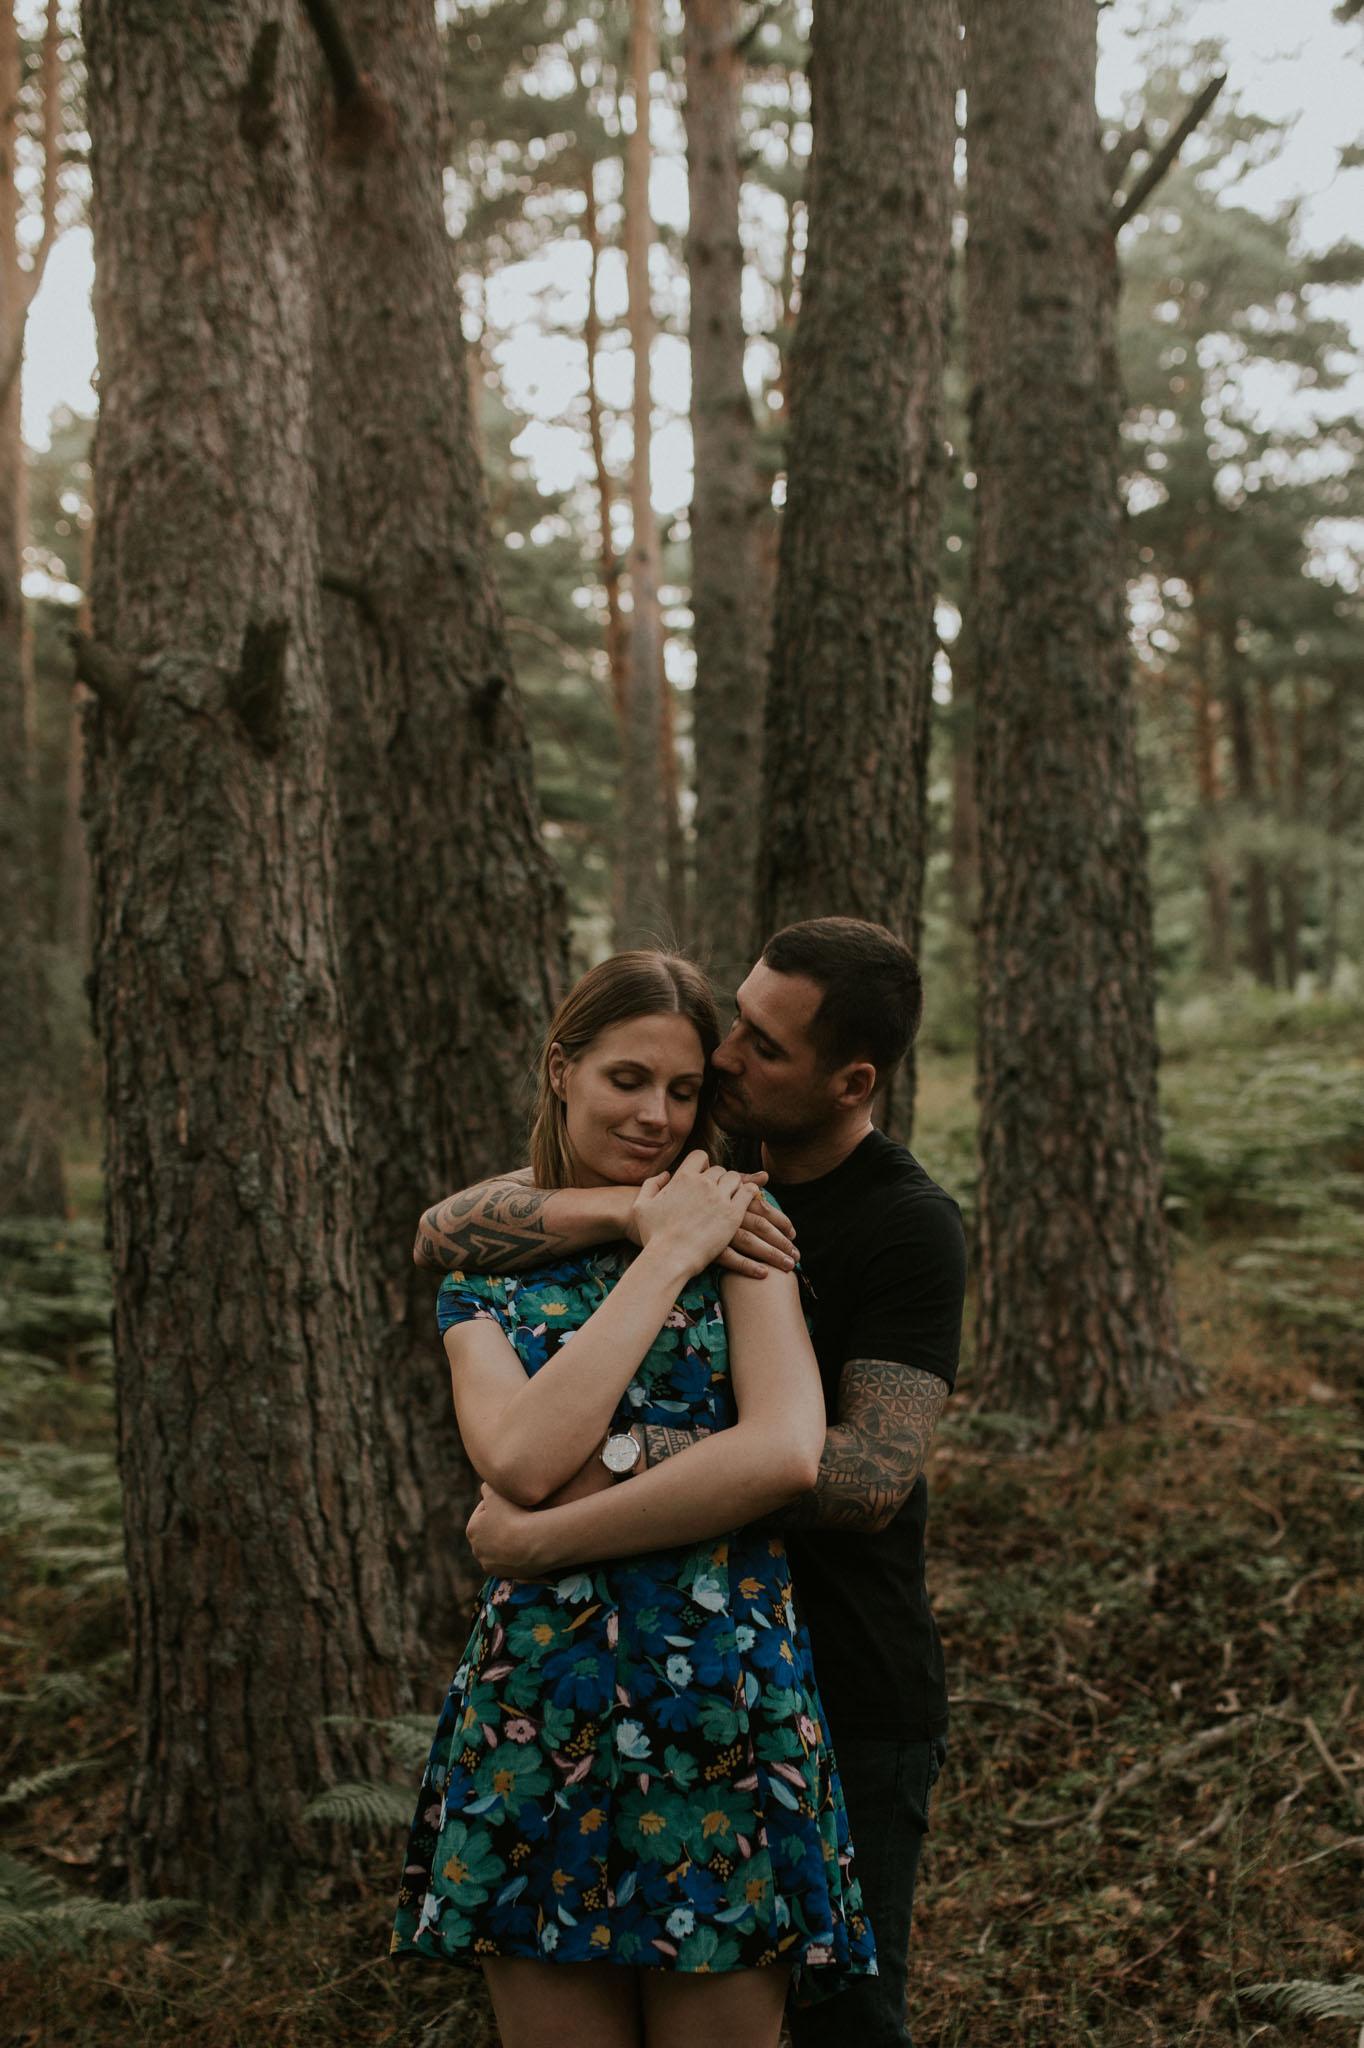 Fotografia pareja bosque 44 Concorazon